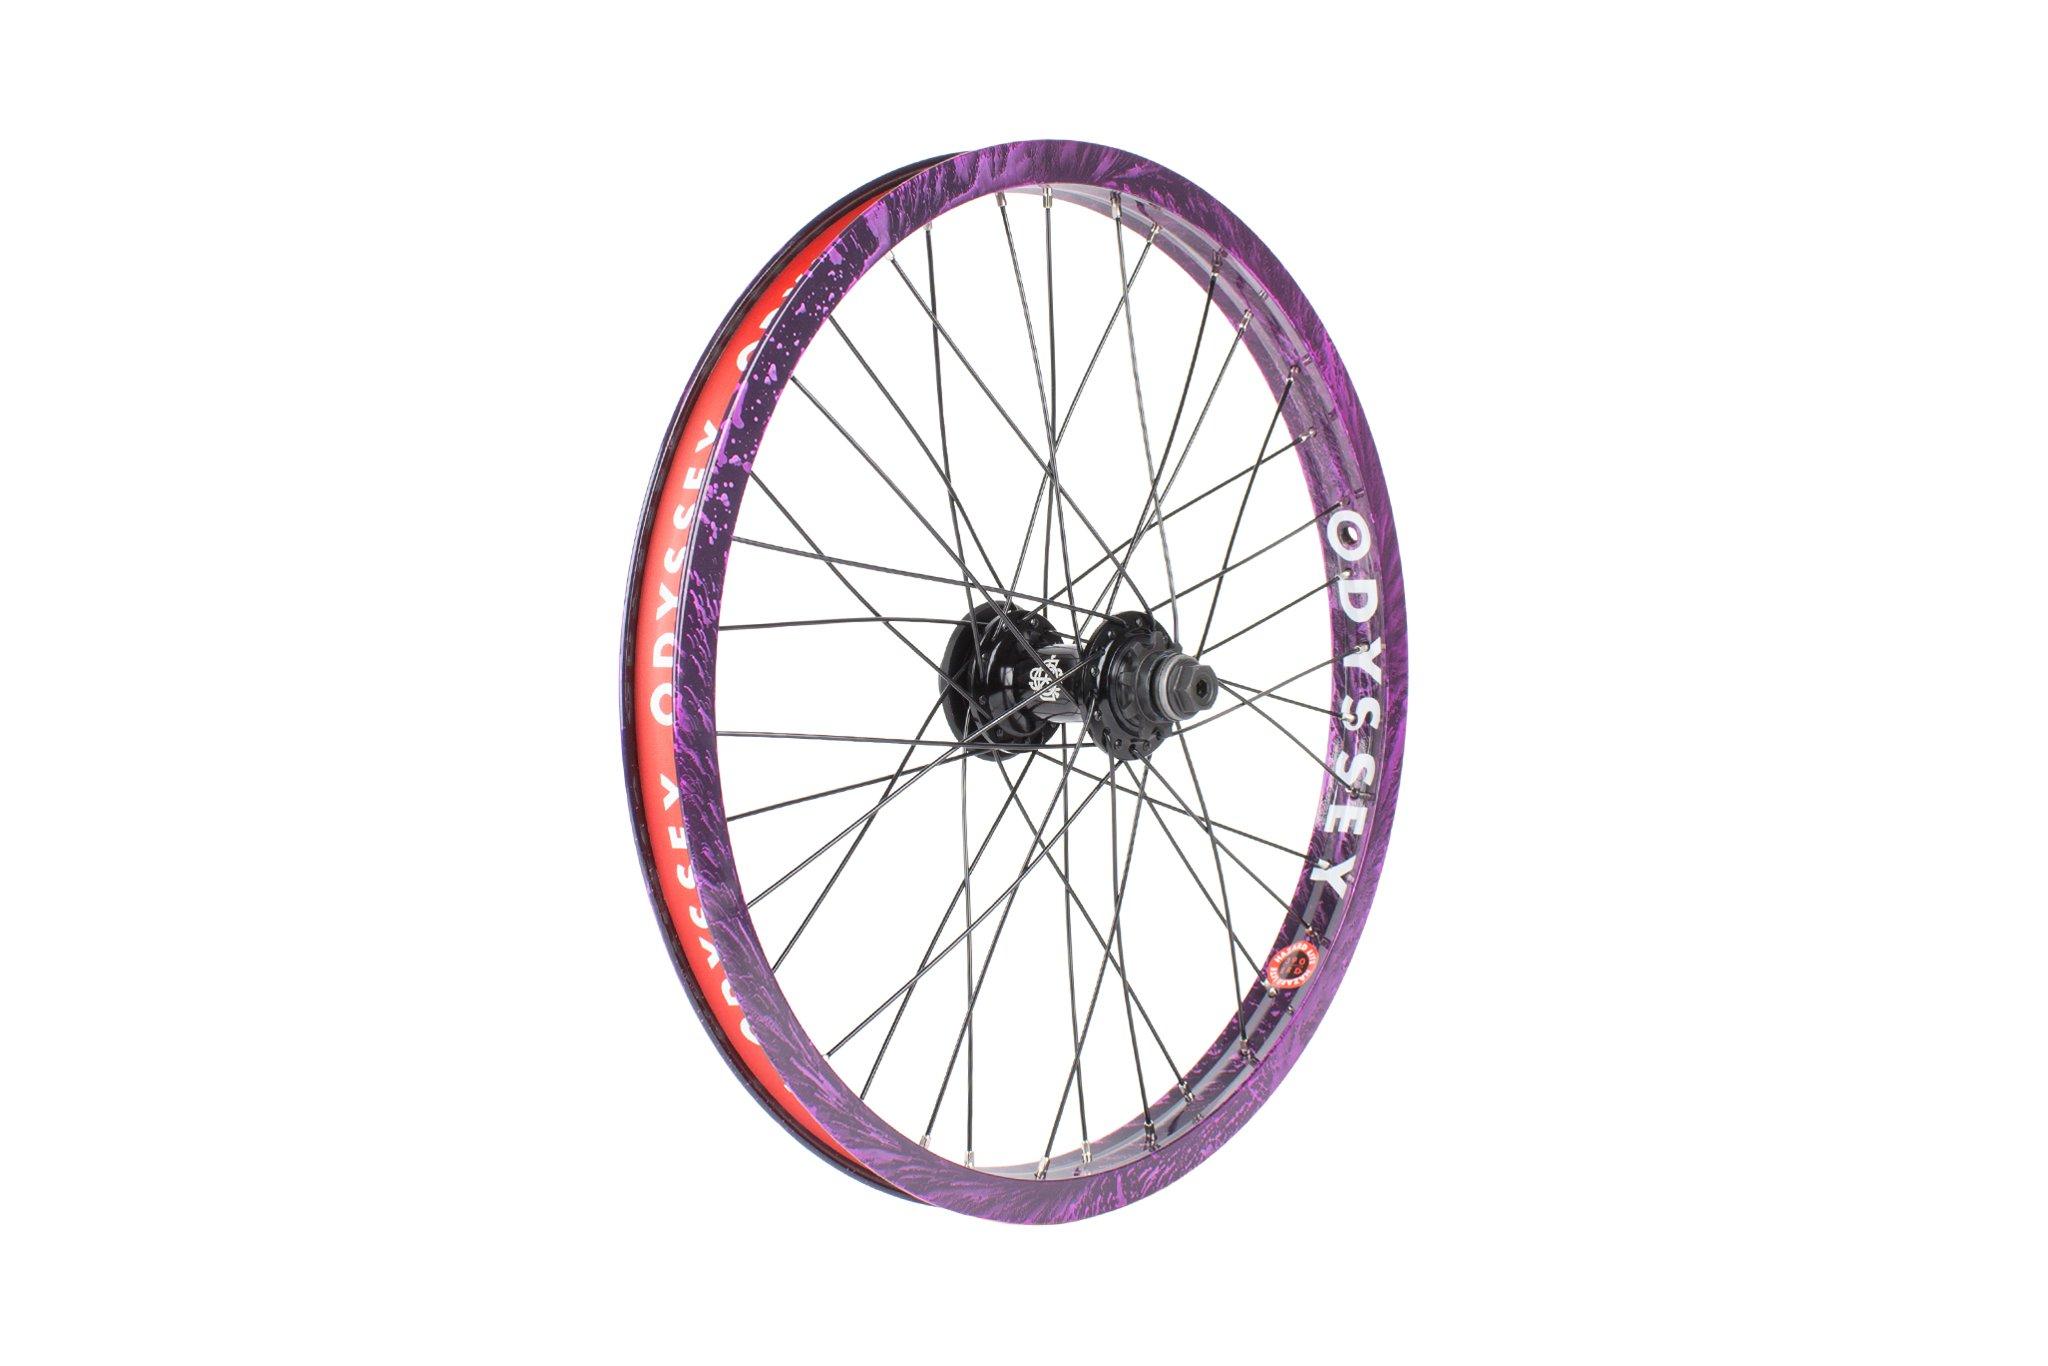 Odyssey BMX Hazard Lite Cassette Wheel im Limited Edition Purple Rain Colorway mit Antigram V2 Cassette Hub und Hazard Lite Rim